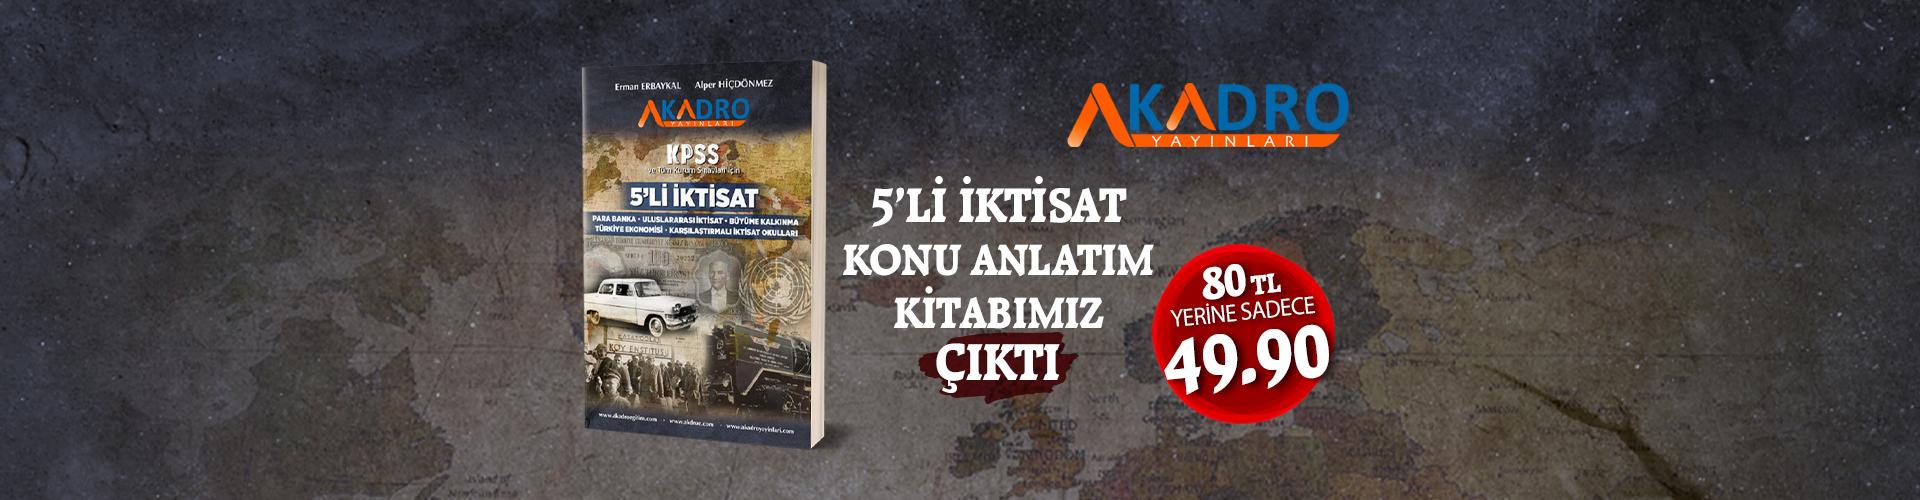 akadroegitimbanner 5Lİ